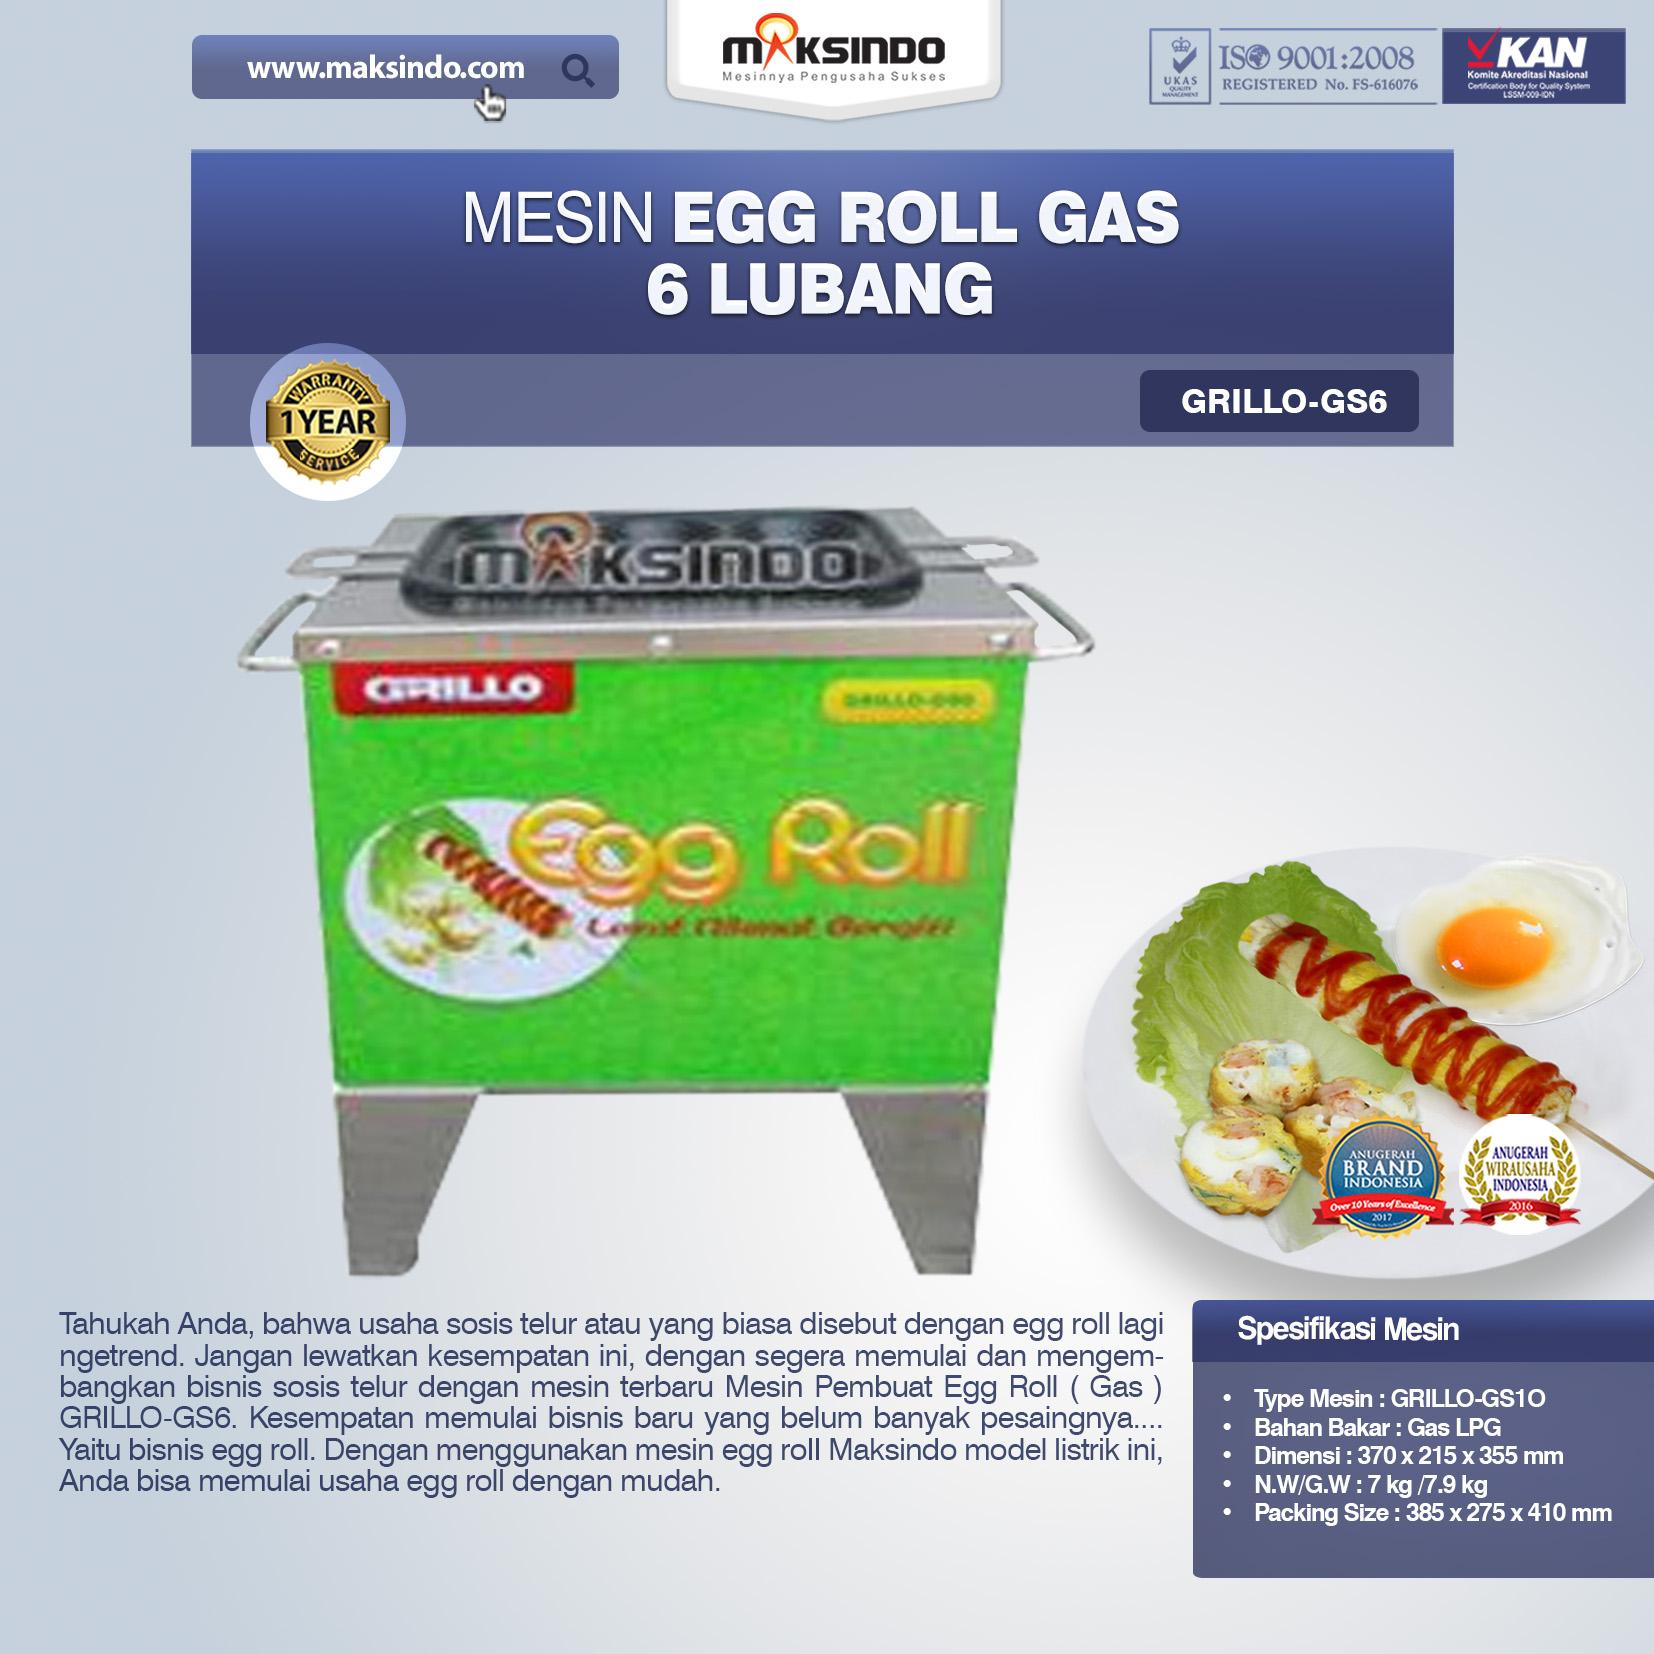 Jual Mesin Egg Roll Gas 6 Lubang GRILLO-GS6 di Bekasi